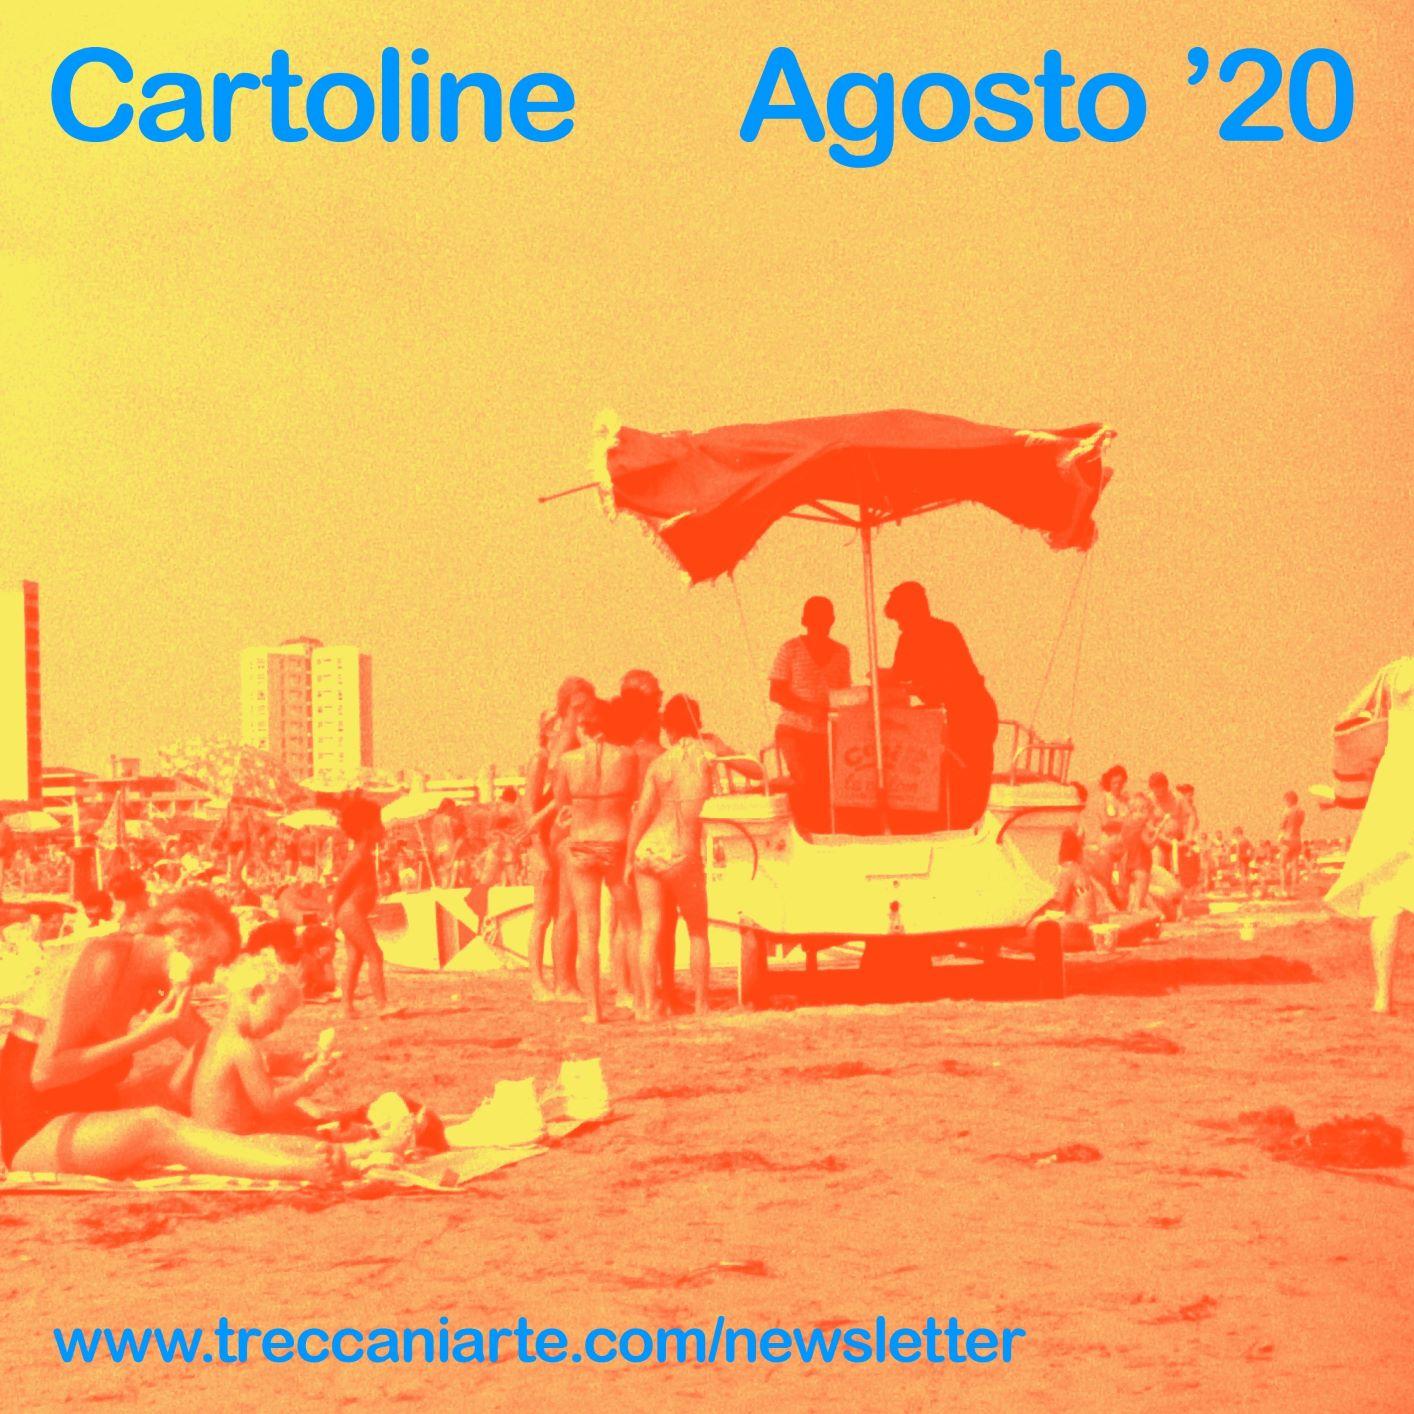 Cartoline d'artista (a sorpresa) nel nuovo progetto online di Treccani Arte. Intervista a Iacopo Ceni